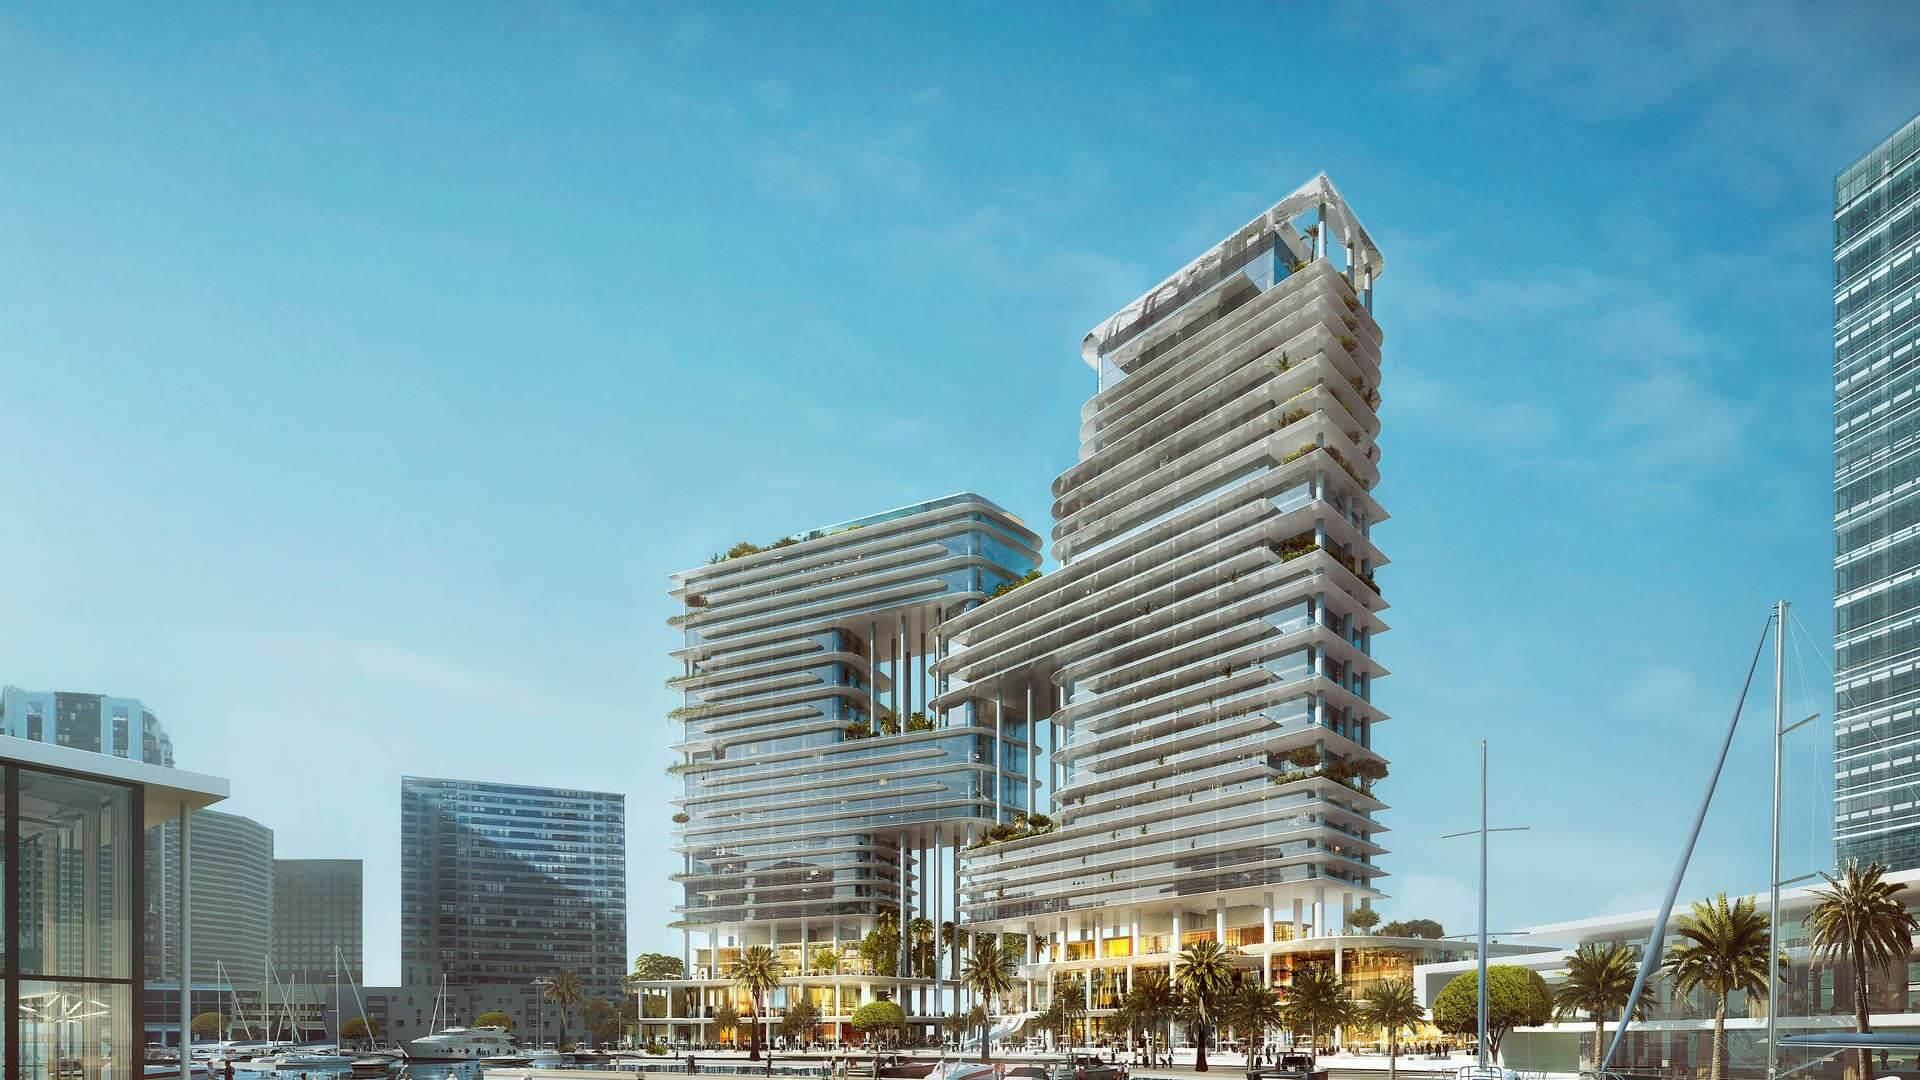 Ático en venta en Dubai, EAU, 5 dormitorios, 1645 m2, № 24060 – foto 7